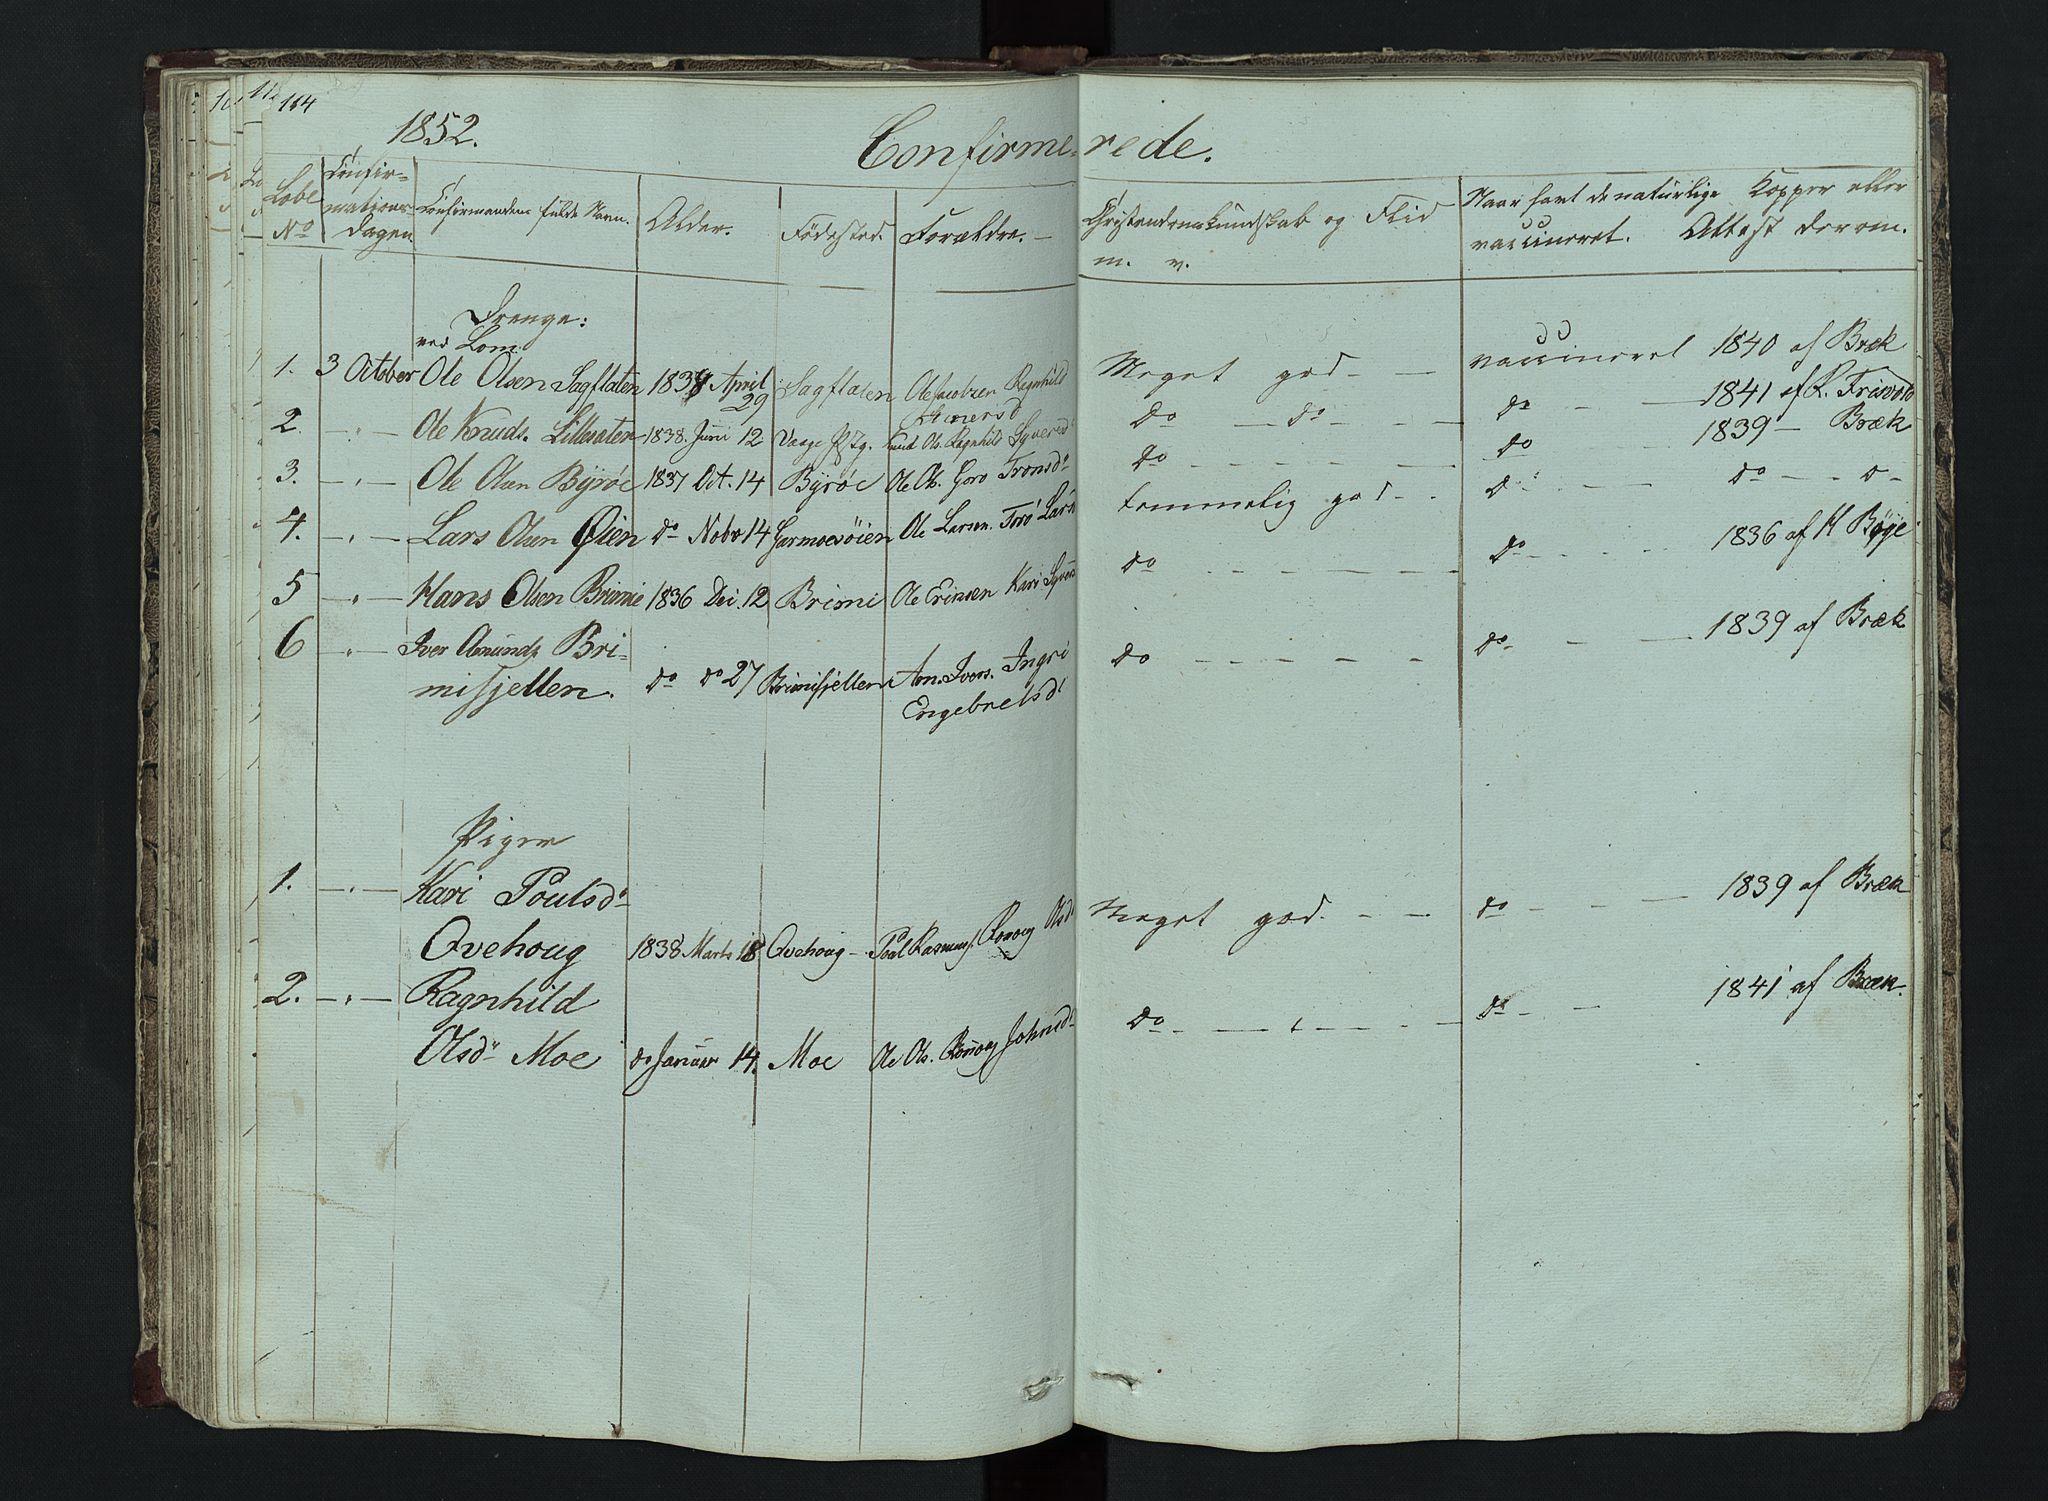 SAH, Lom prestekontor, L/L0014: Klokkerbok nr. 14, 1845-1876, s. 114-115